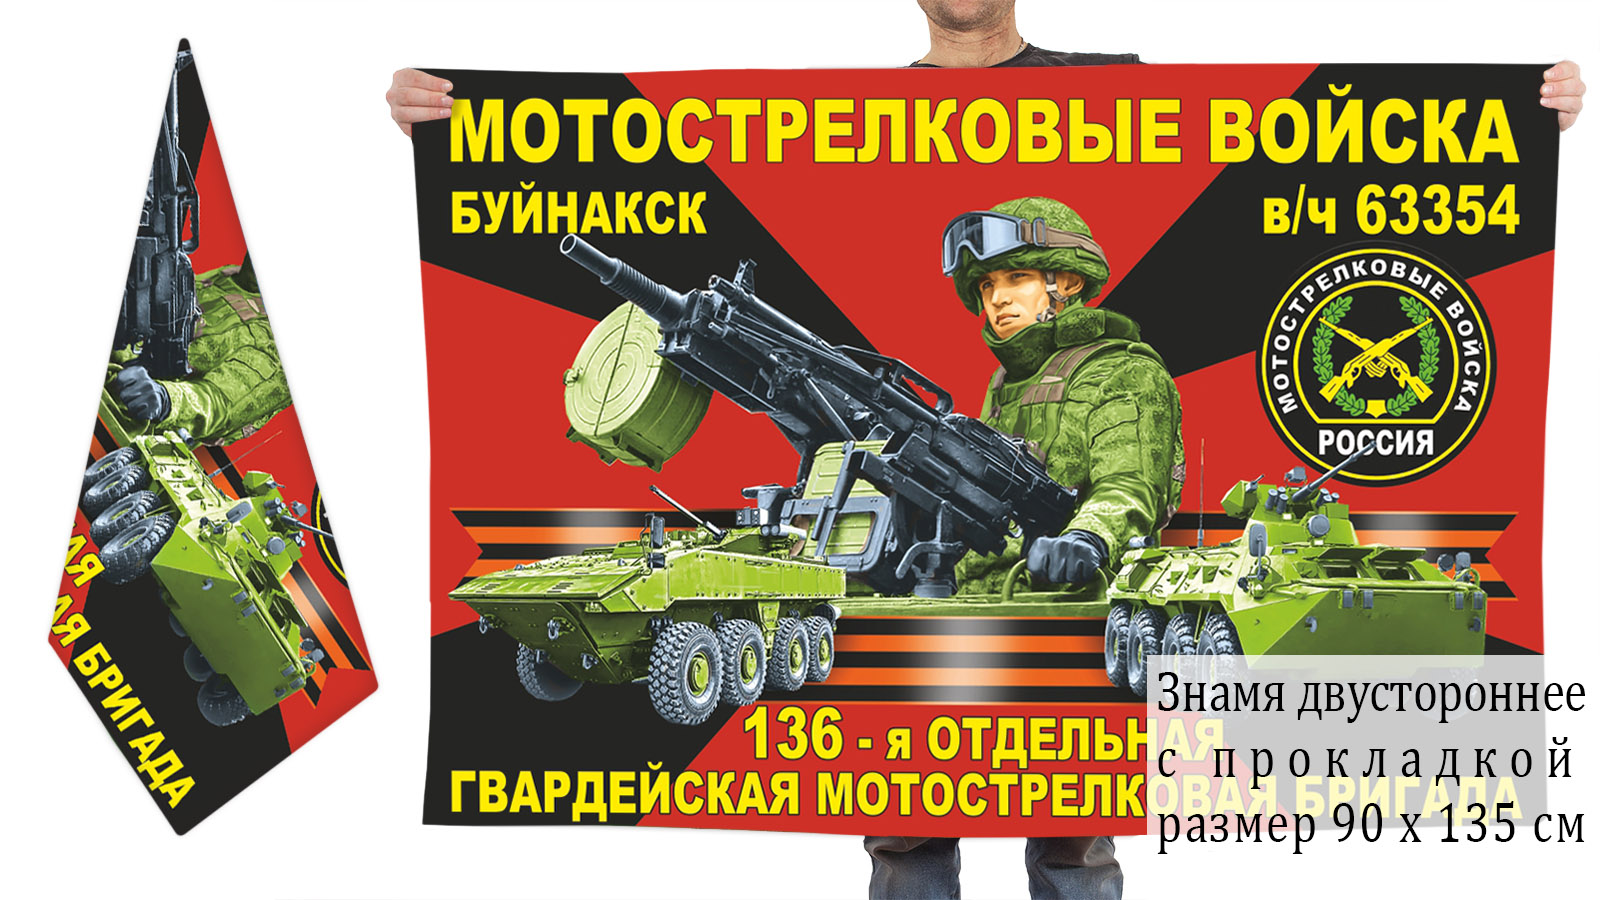 Двусторонний флаг 136 отдельной гвардейской бригады мотострелков